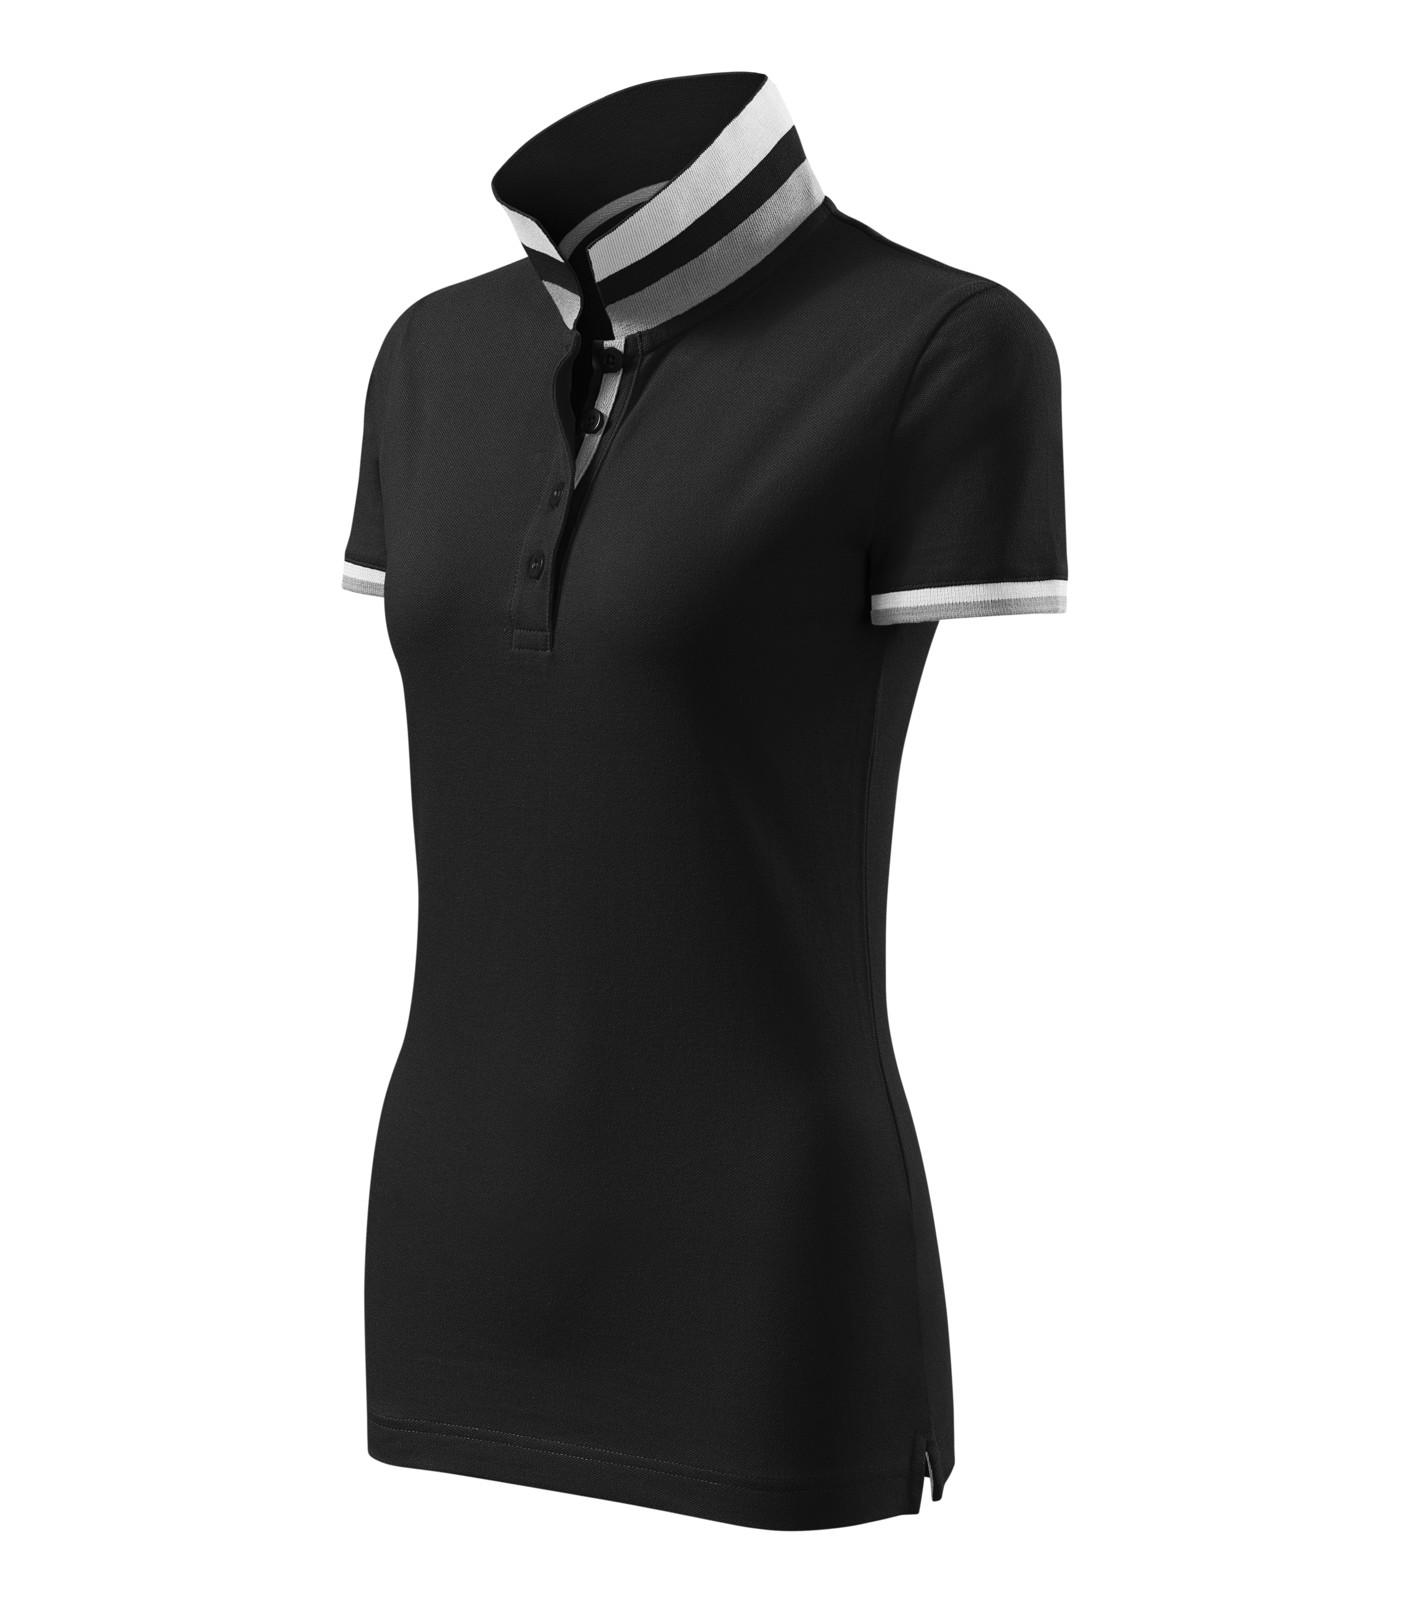 Polokošile dámská Malfinipremium Collar Up - Černá / S